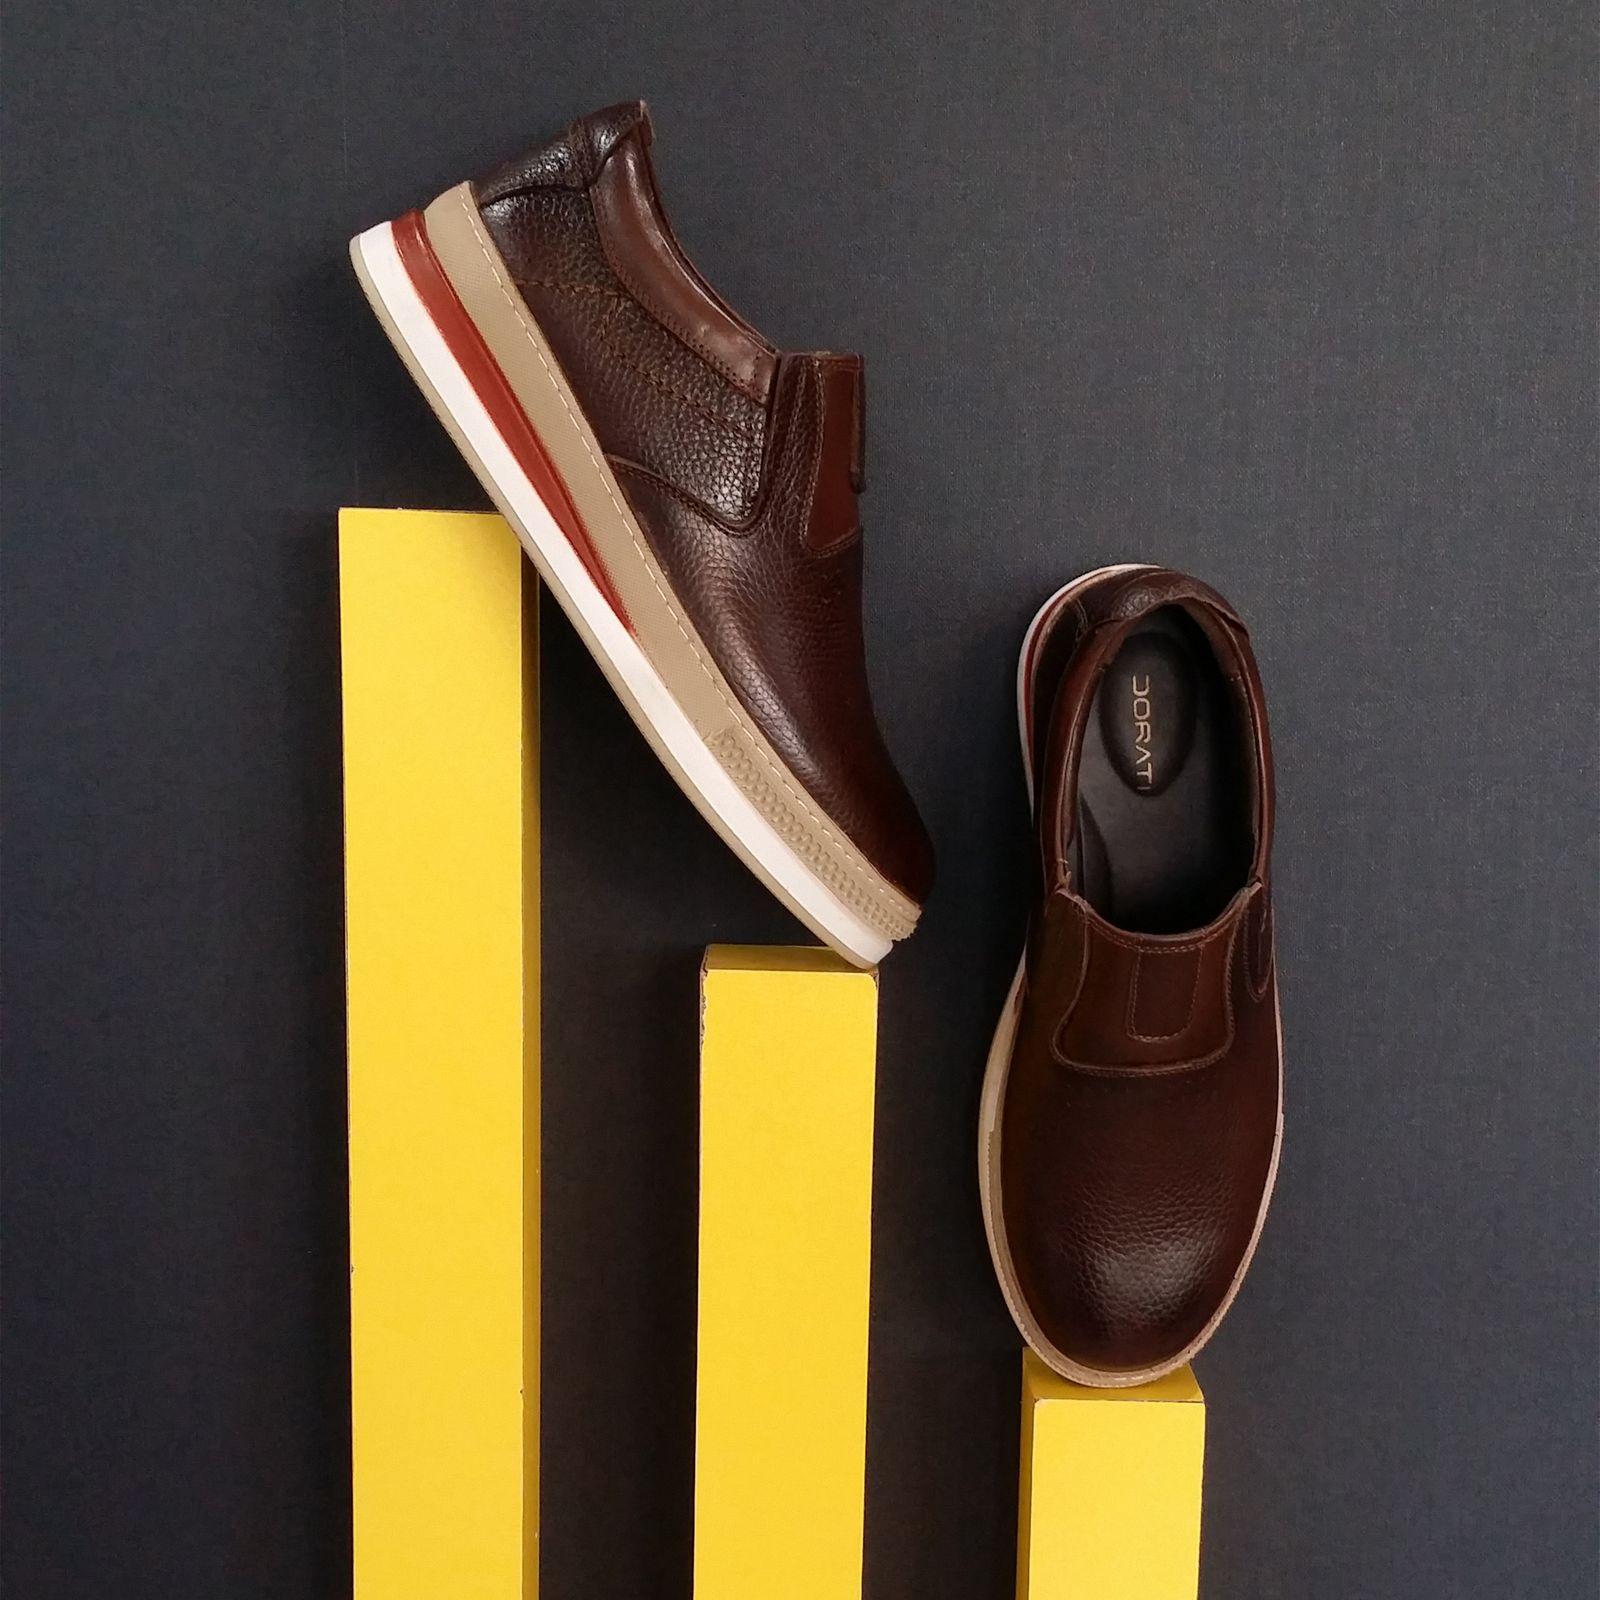 کفش روزمره مردانه دراتی مدل  DL-0012 -  - 10